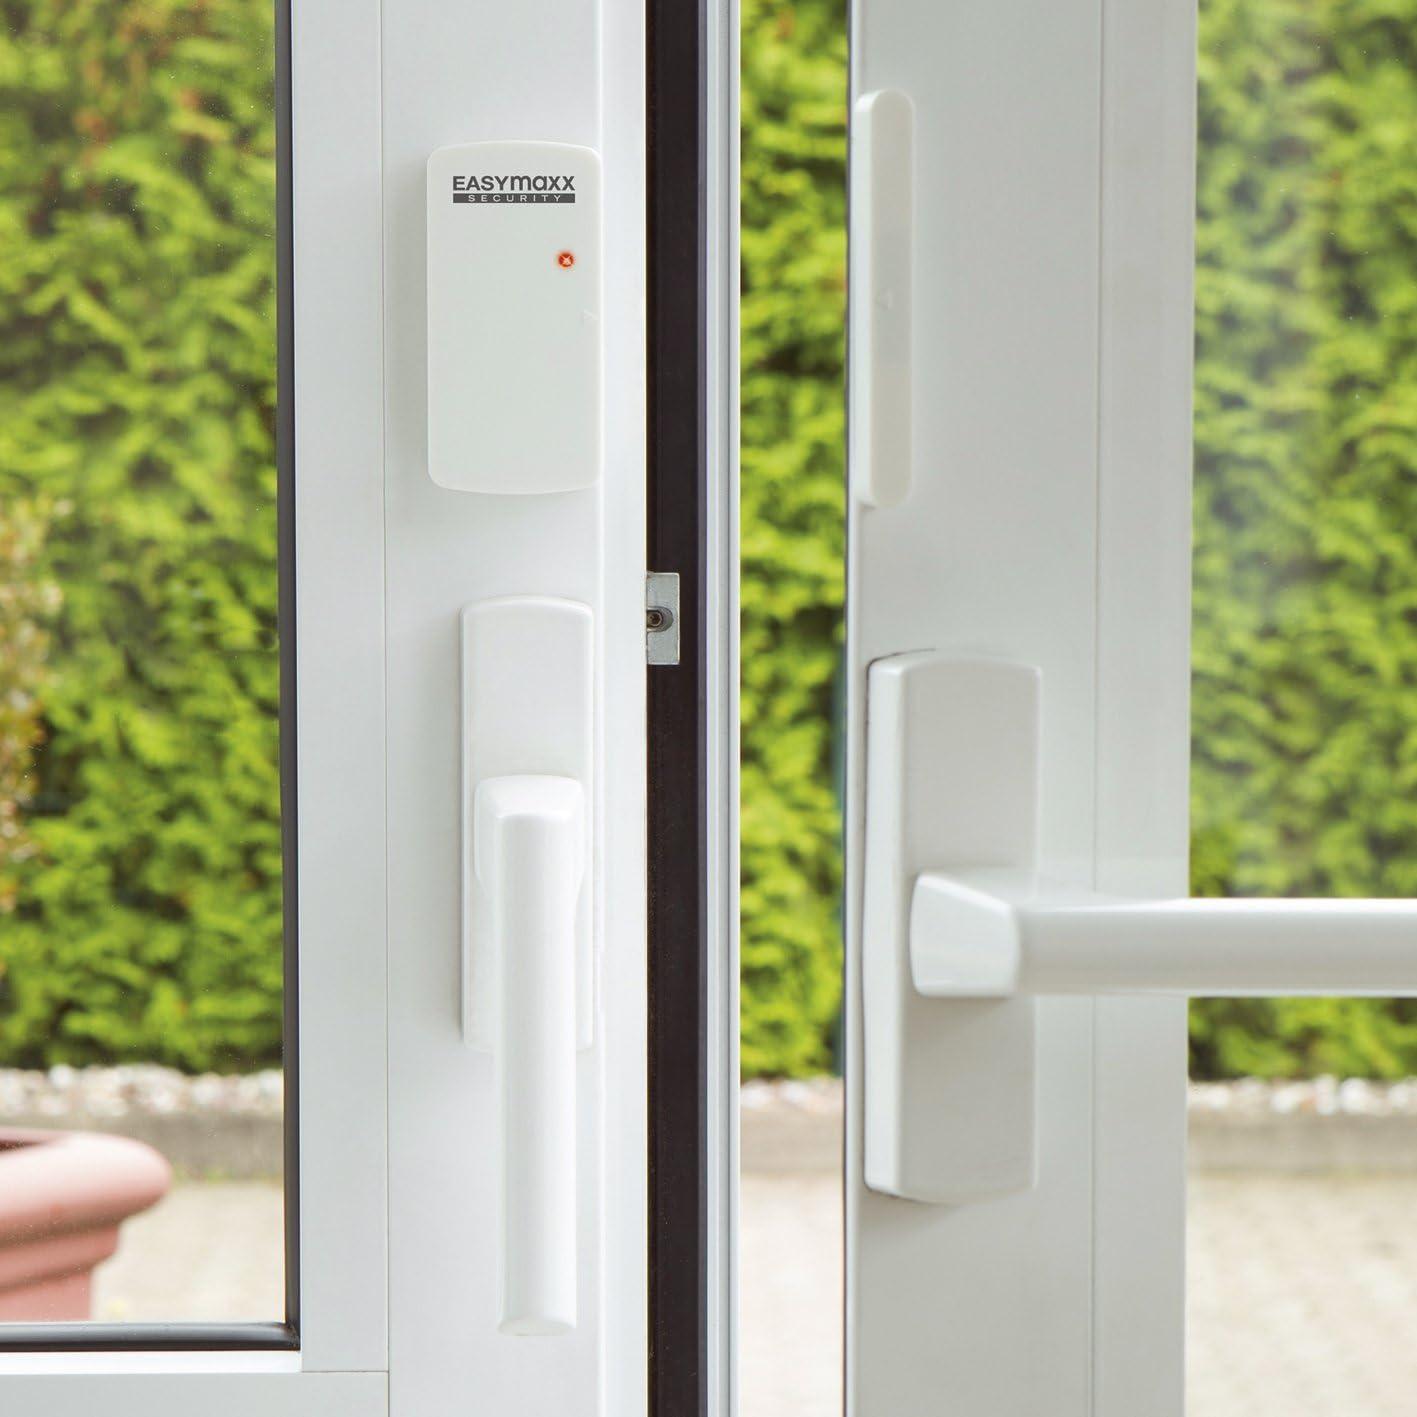 easymaxx 02481 Security - Sistema de Alarma para Puertas y Ventanas, tecnología de Sensor magnético, 110 dB, no Requiere taladrar, inalámbrico, Incluye Mando a Distancia, Color Blanco: Amazon.es: Bricolaje y herramientas